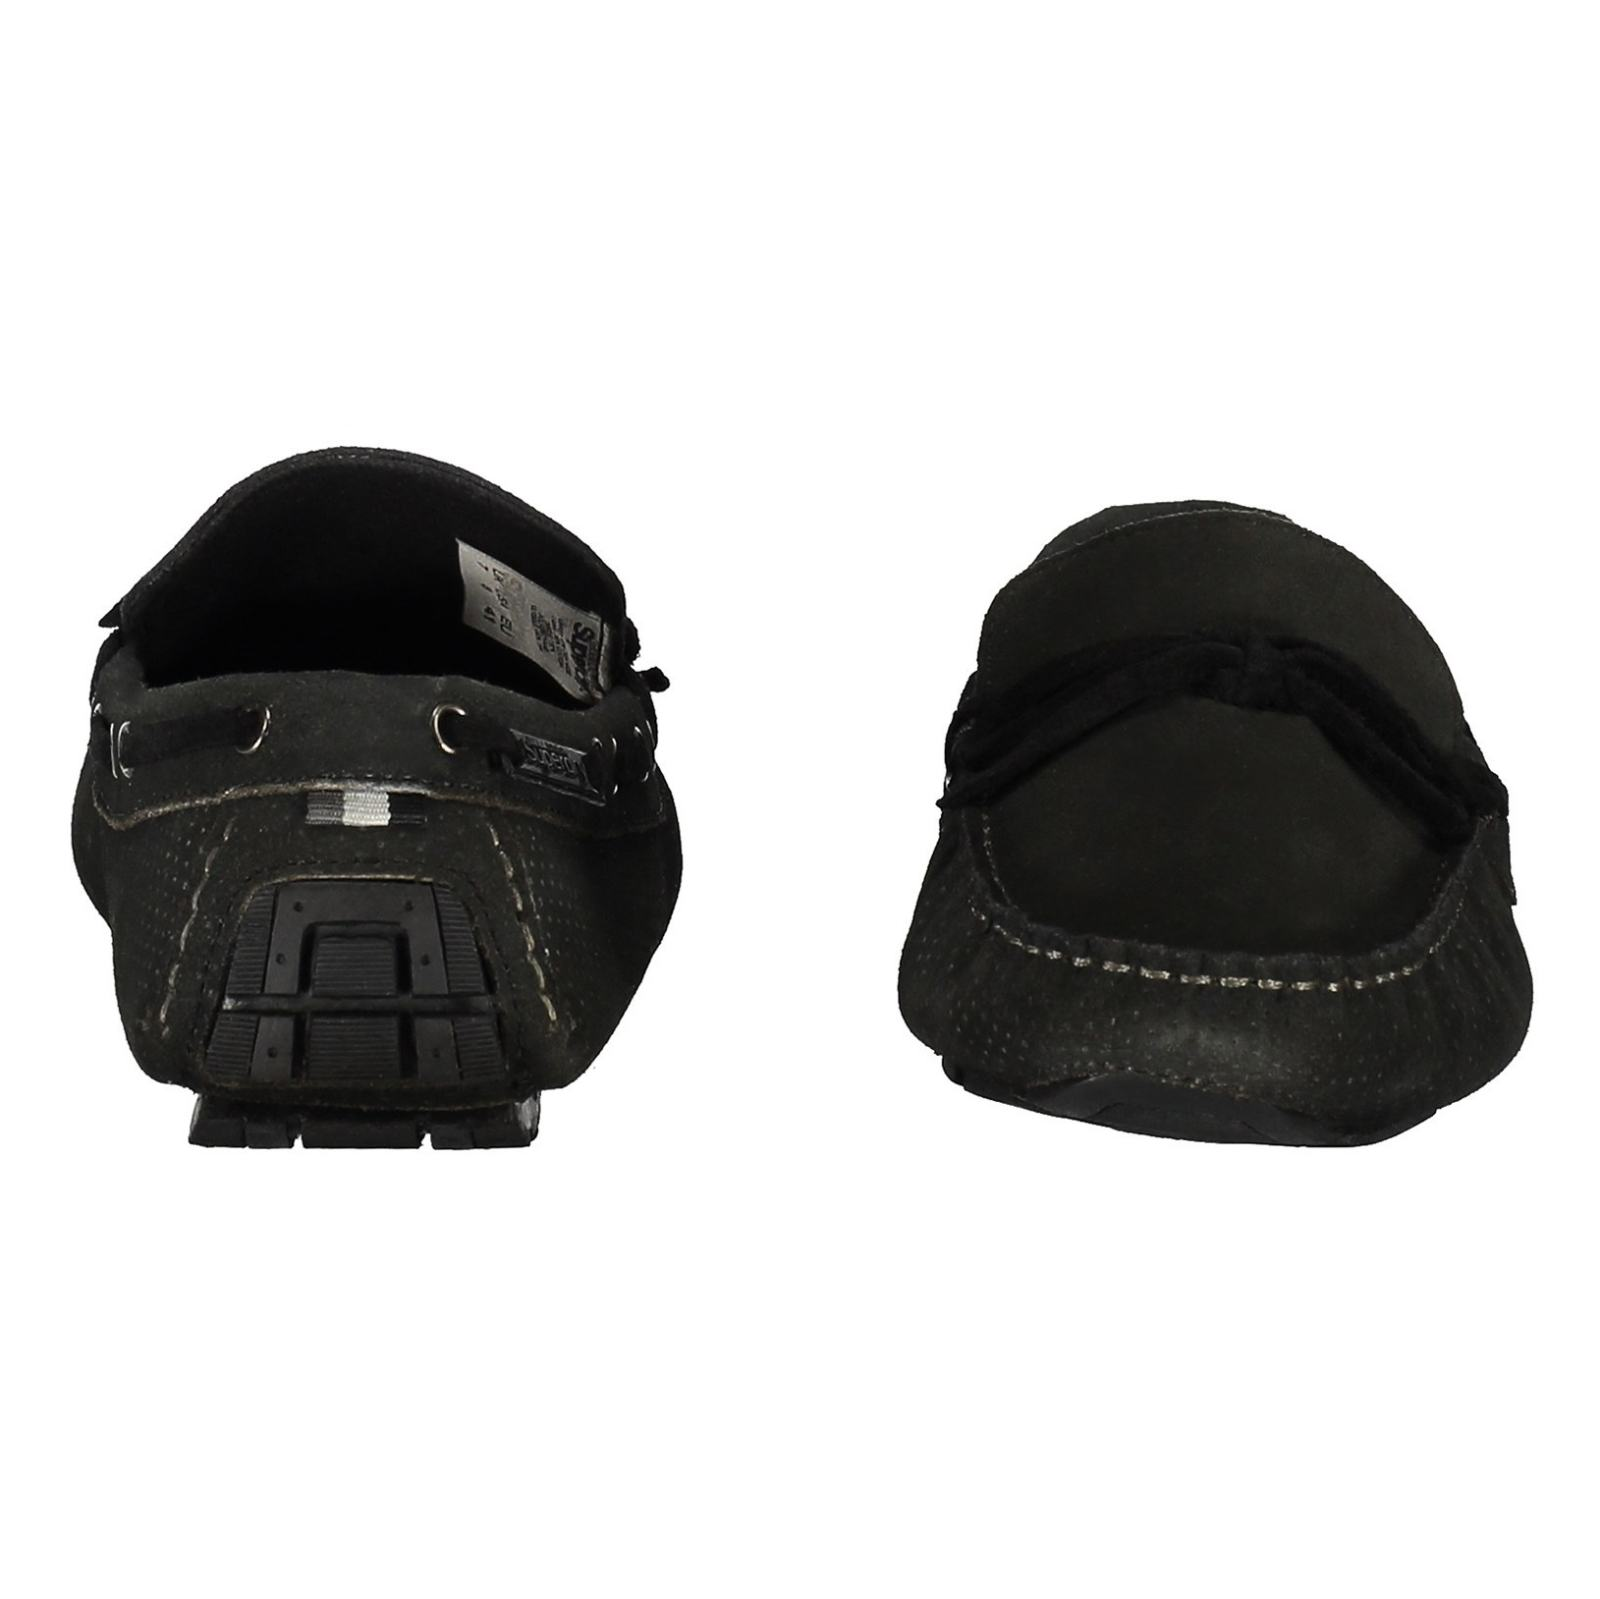 کفش راحتی چرم مردانه Driver - سوپردرای - زغالي - 5